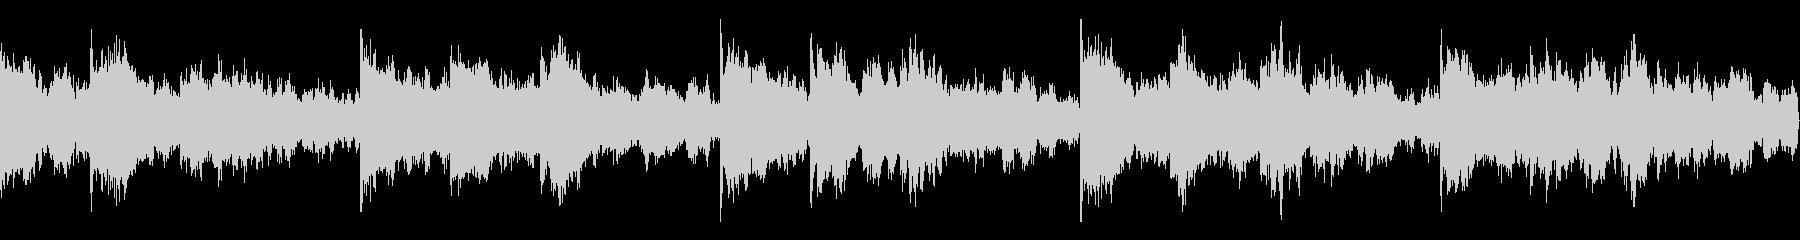 ループ素材_ホラー系2の未再生の波形